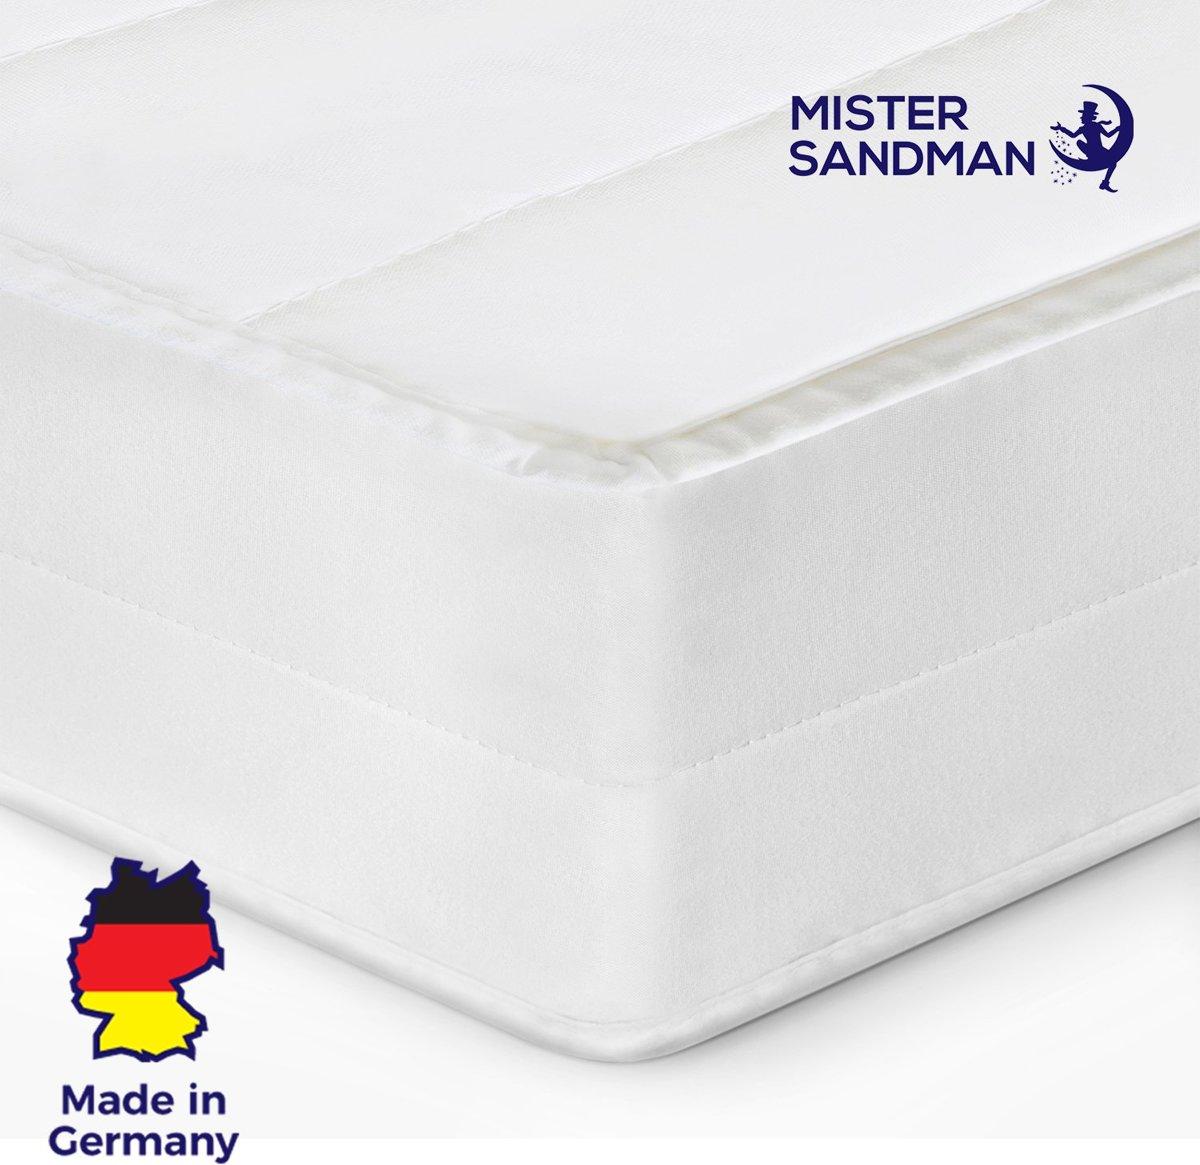 Matras - 180x200 - 7 zones - koudschuim - microvezel tijk - 15 cm hoog - medium & hard